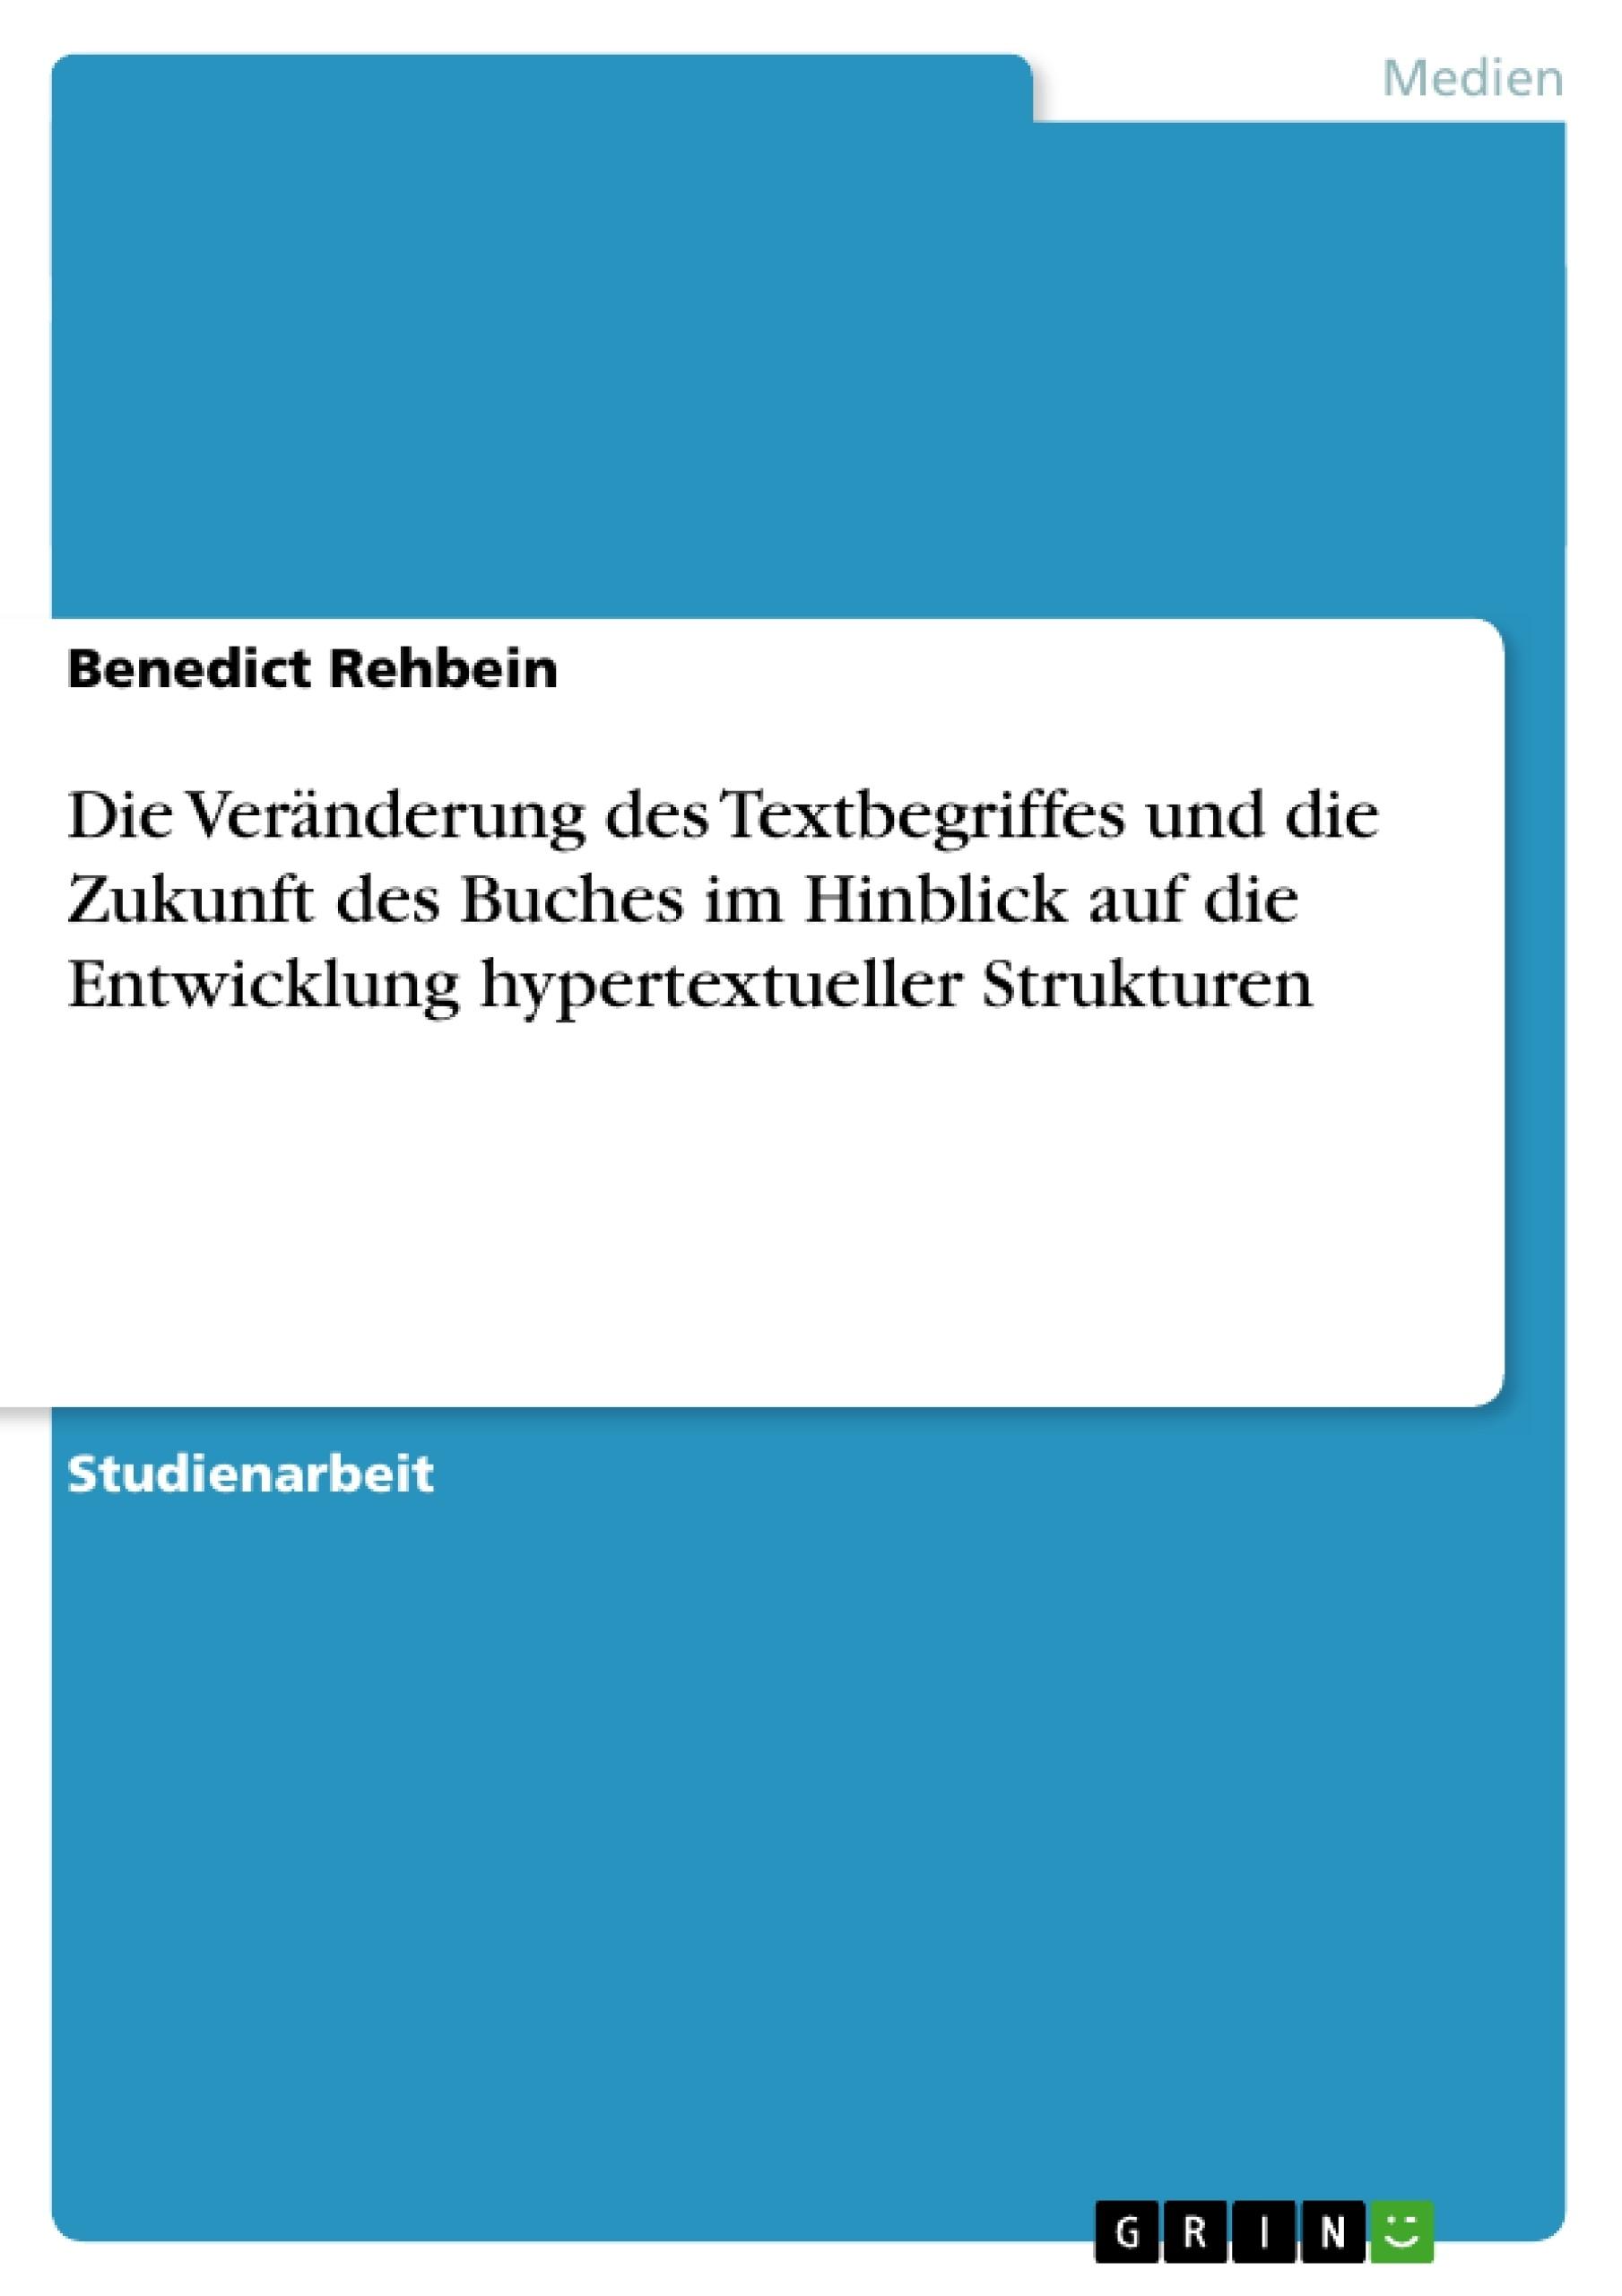 Titel: Die Veränderung des Textbegriffes und die Zukunft des Buches im Hinblick auf die Entwicklung hypertextueller Strukturen